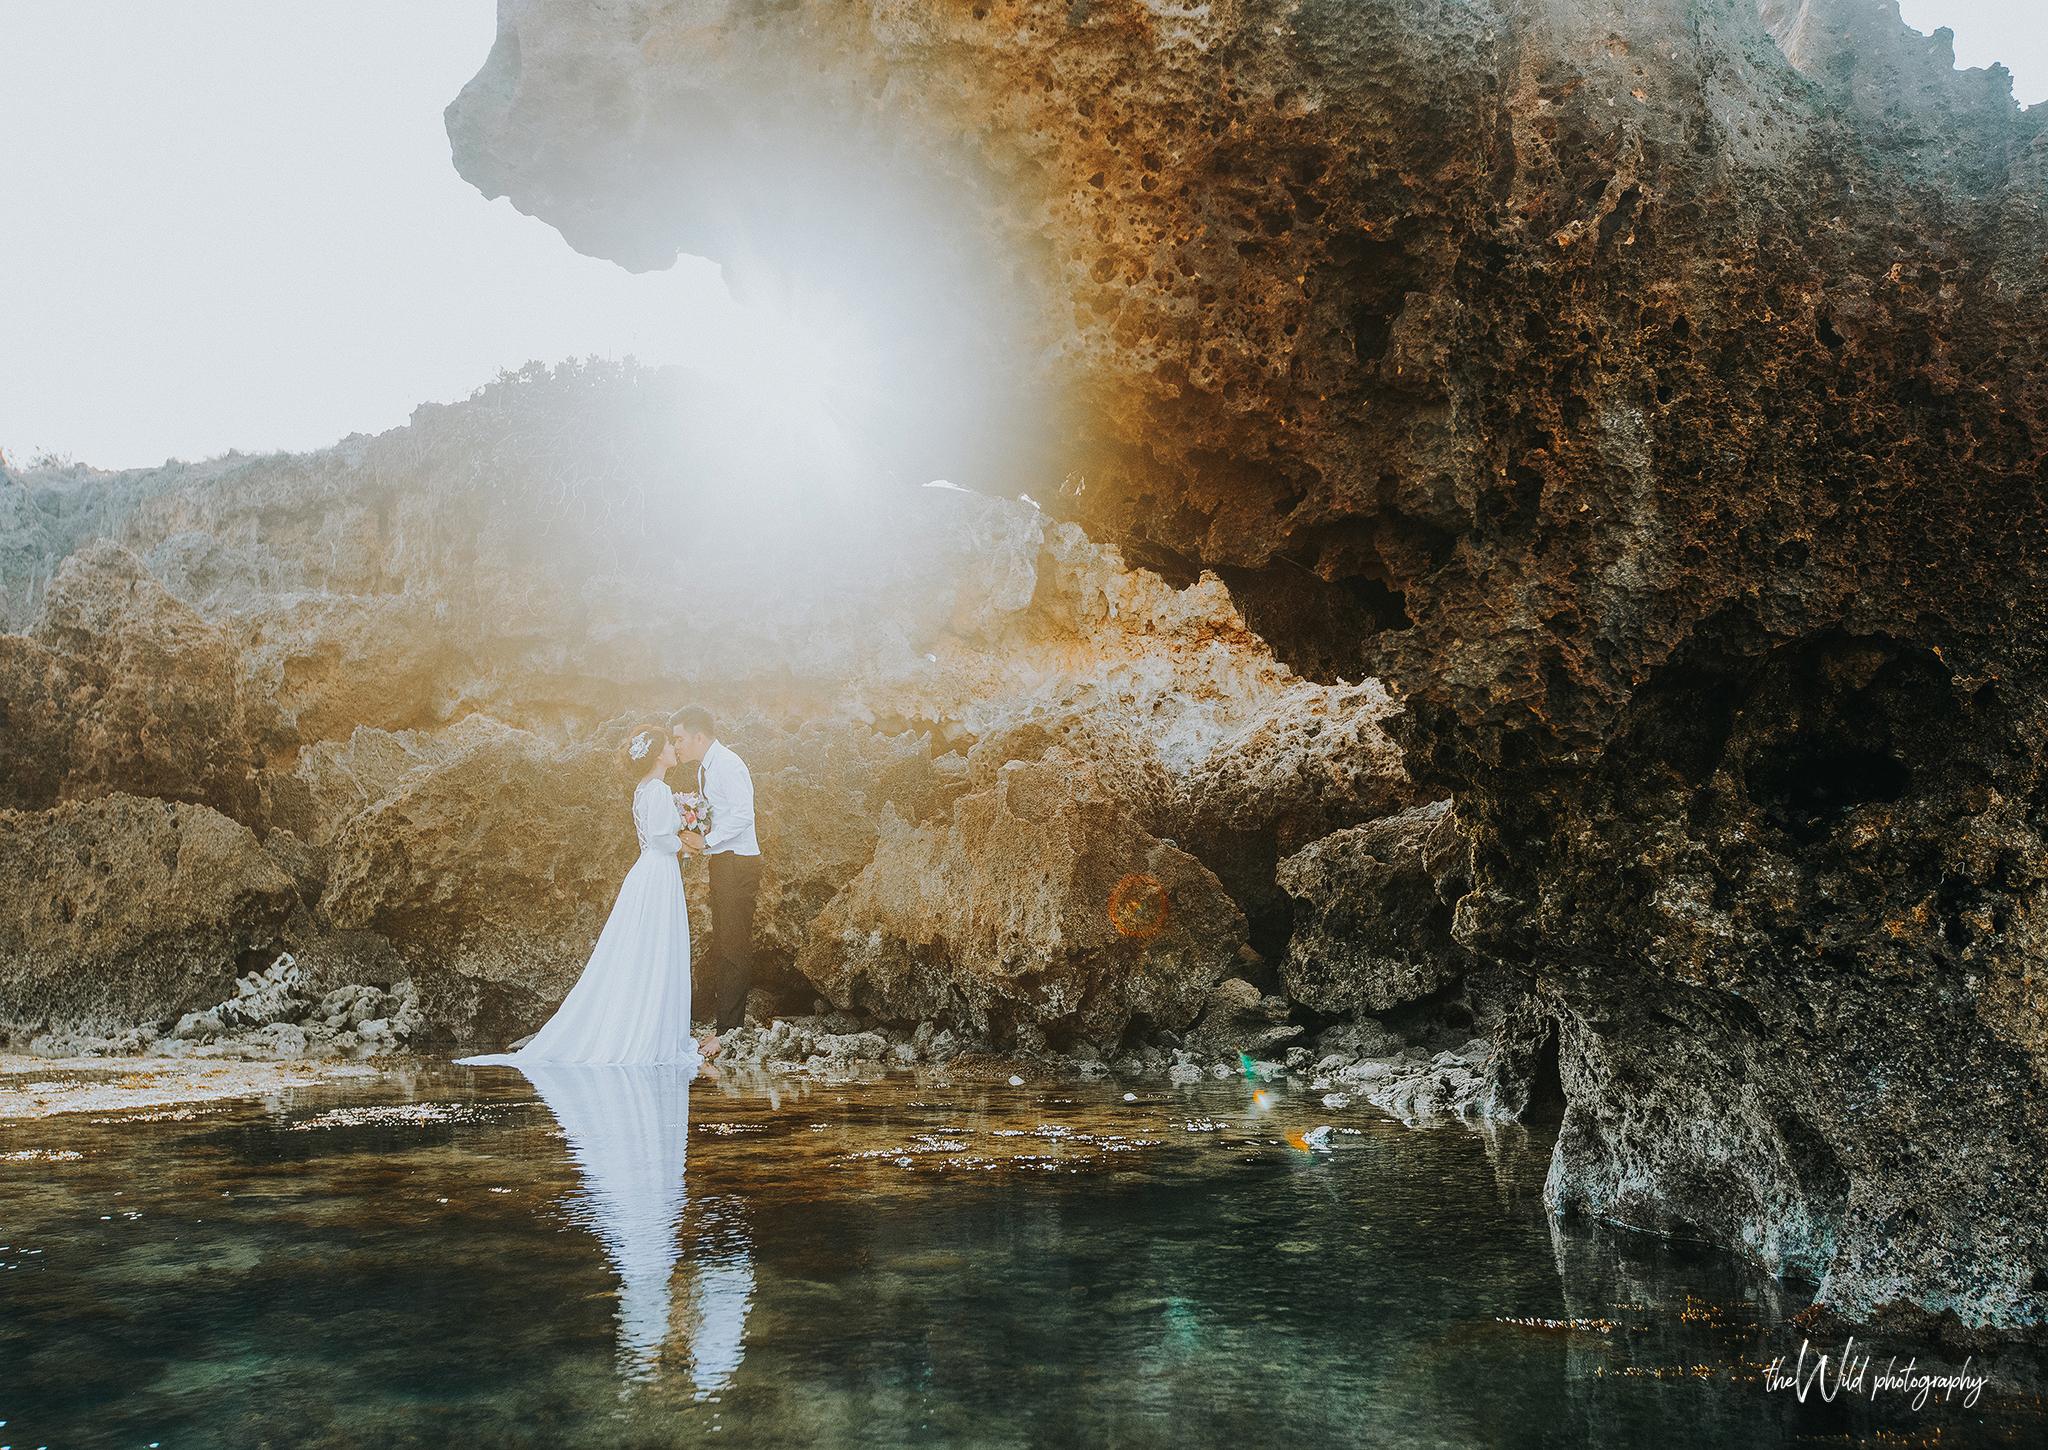 Bí kíp chụp hình cưới siêu lung linh từ The Wild Studio (P.2)